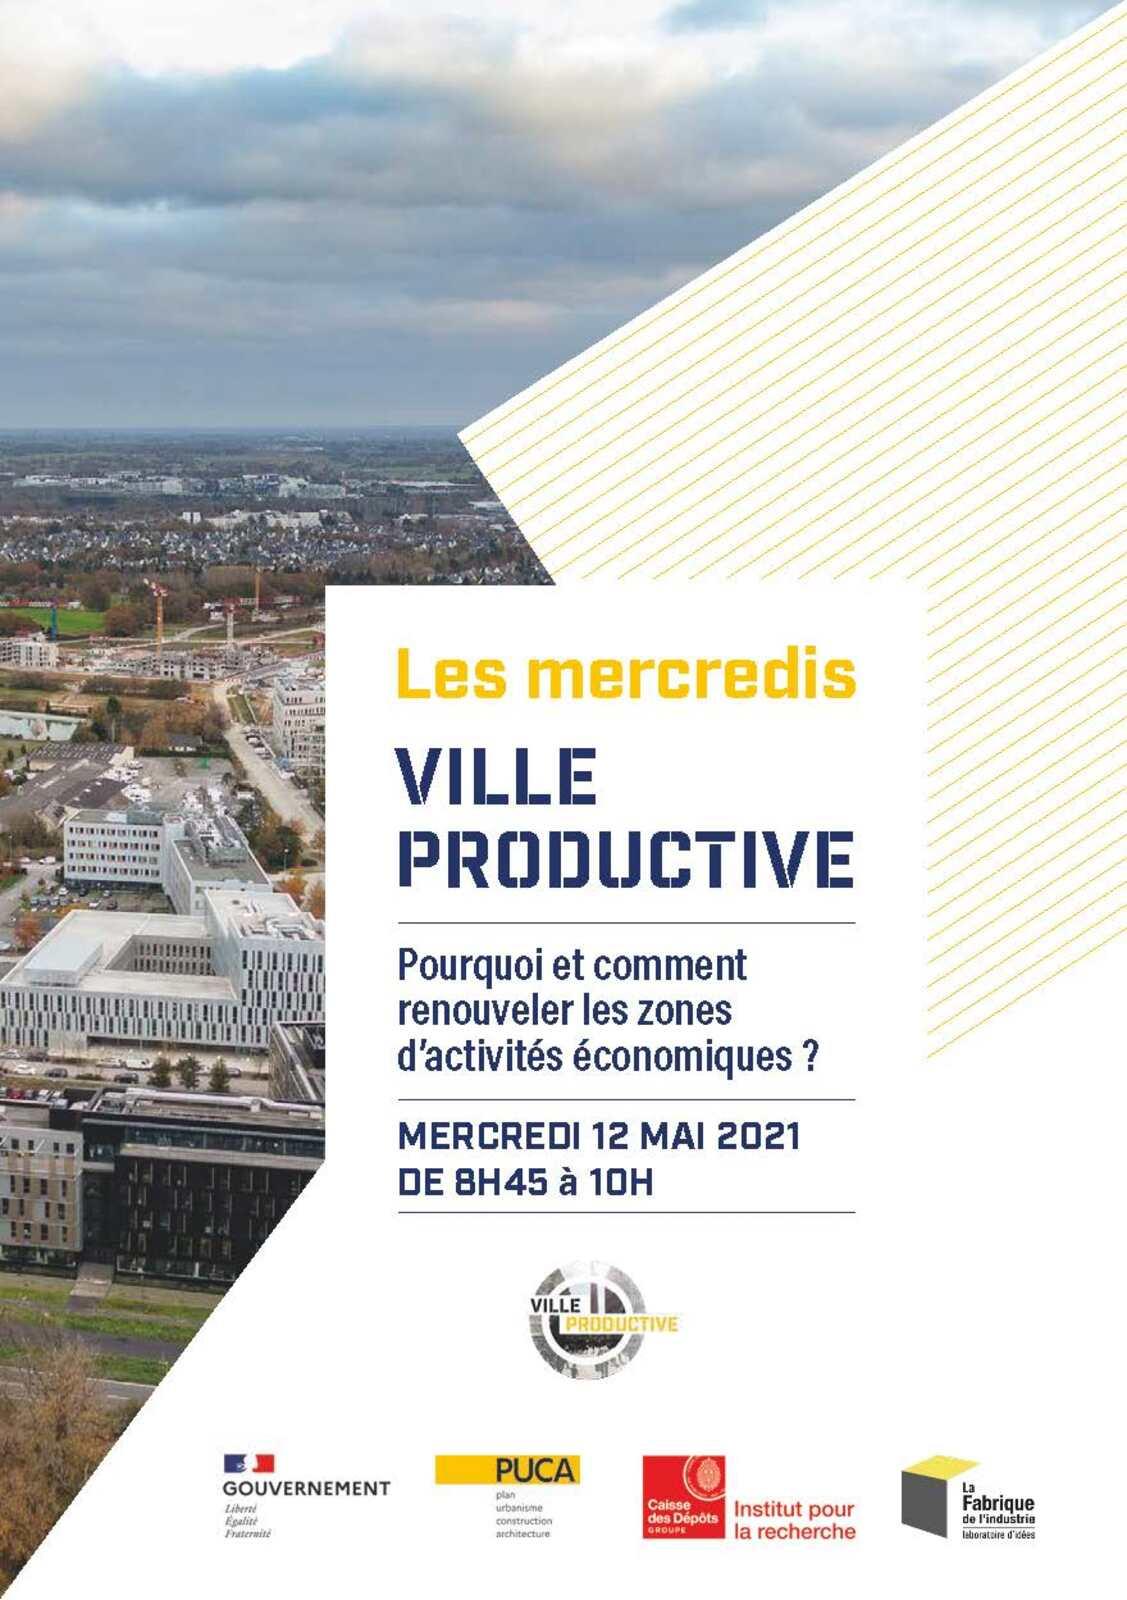 [Webinar] PUCA Ville productive  : Pourquoi et comment renouveler les zones d'activités économiques ?